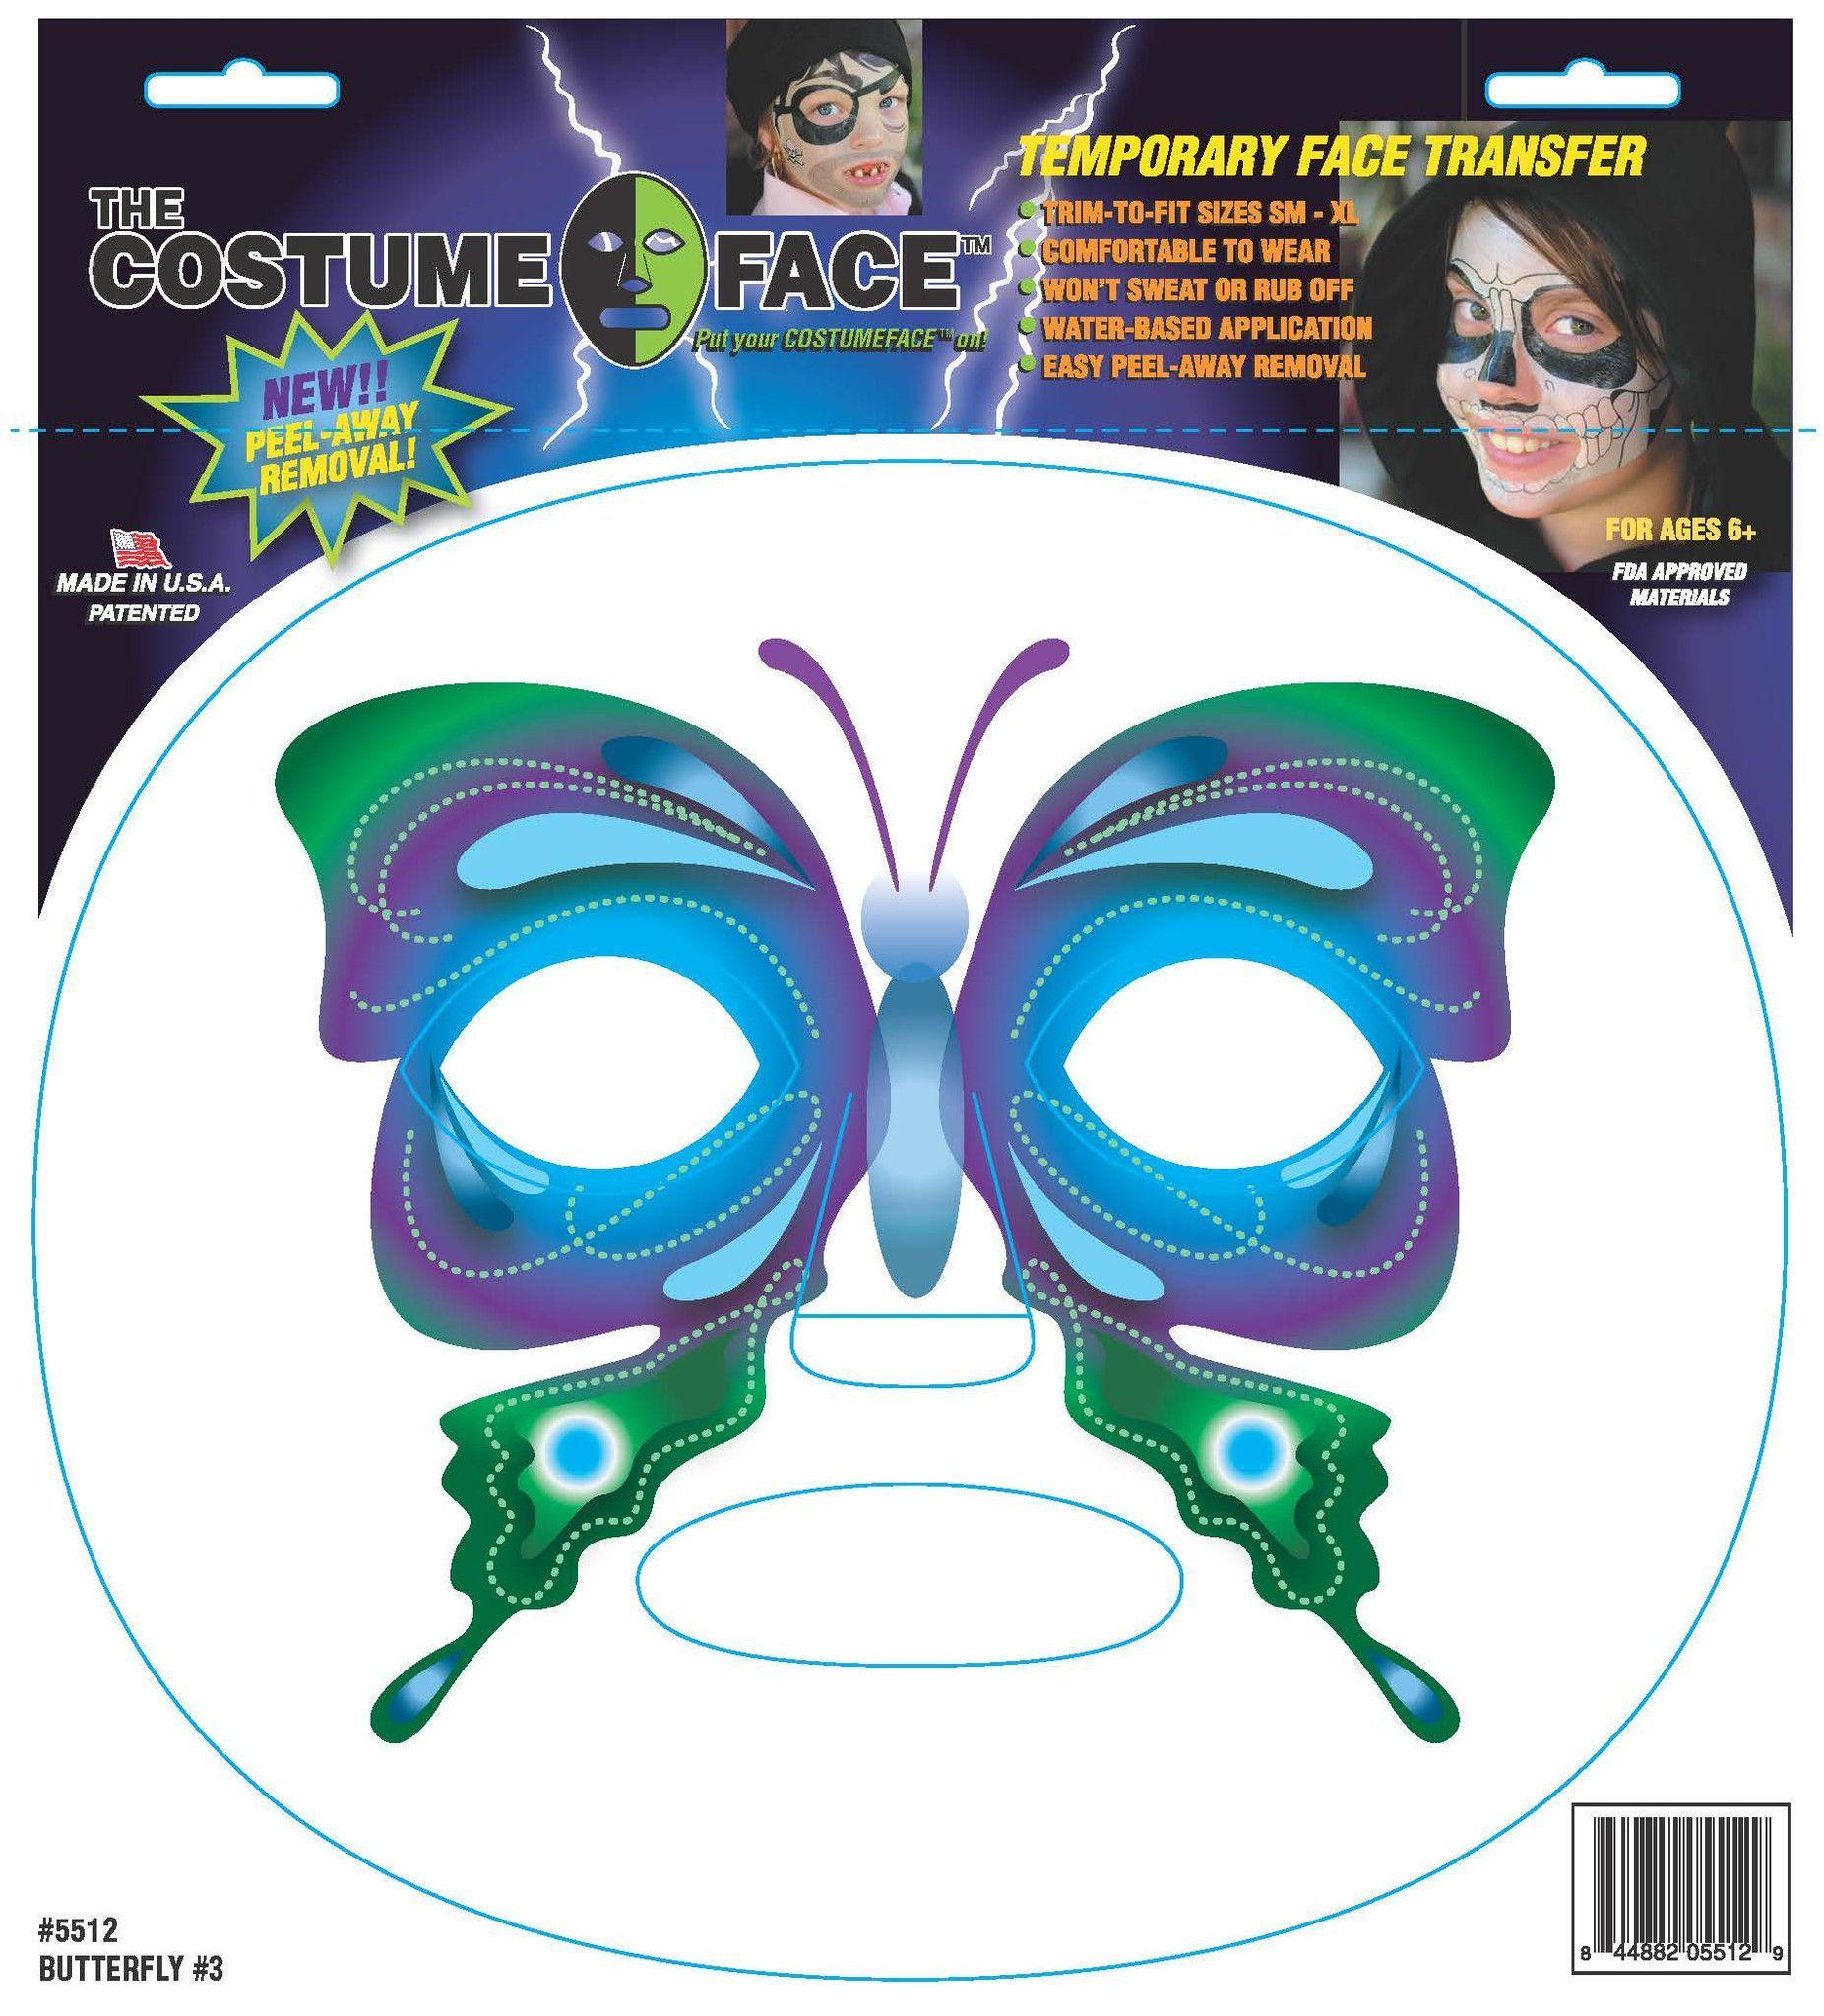 ButterflyFace3